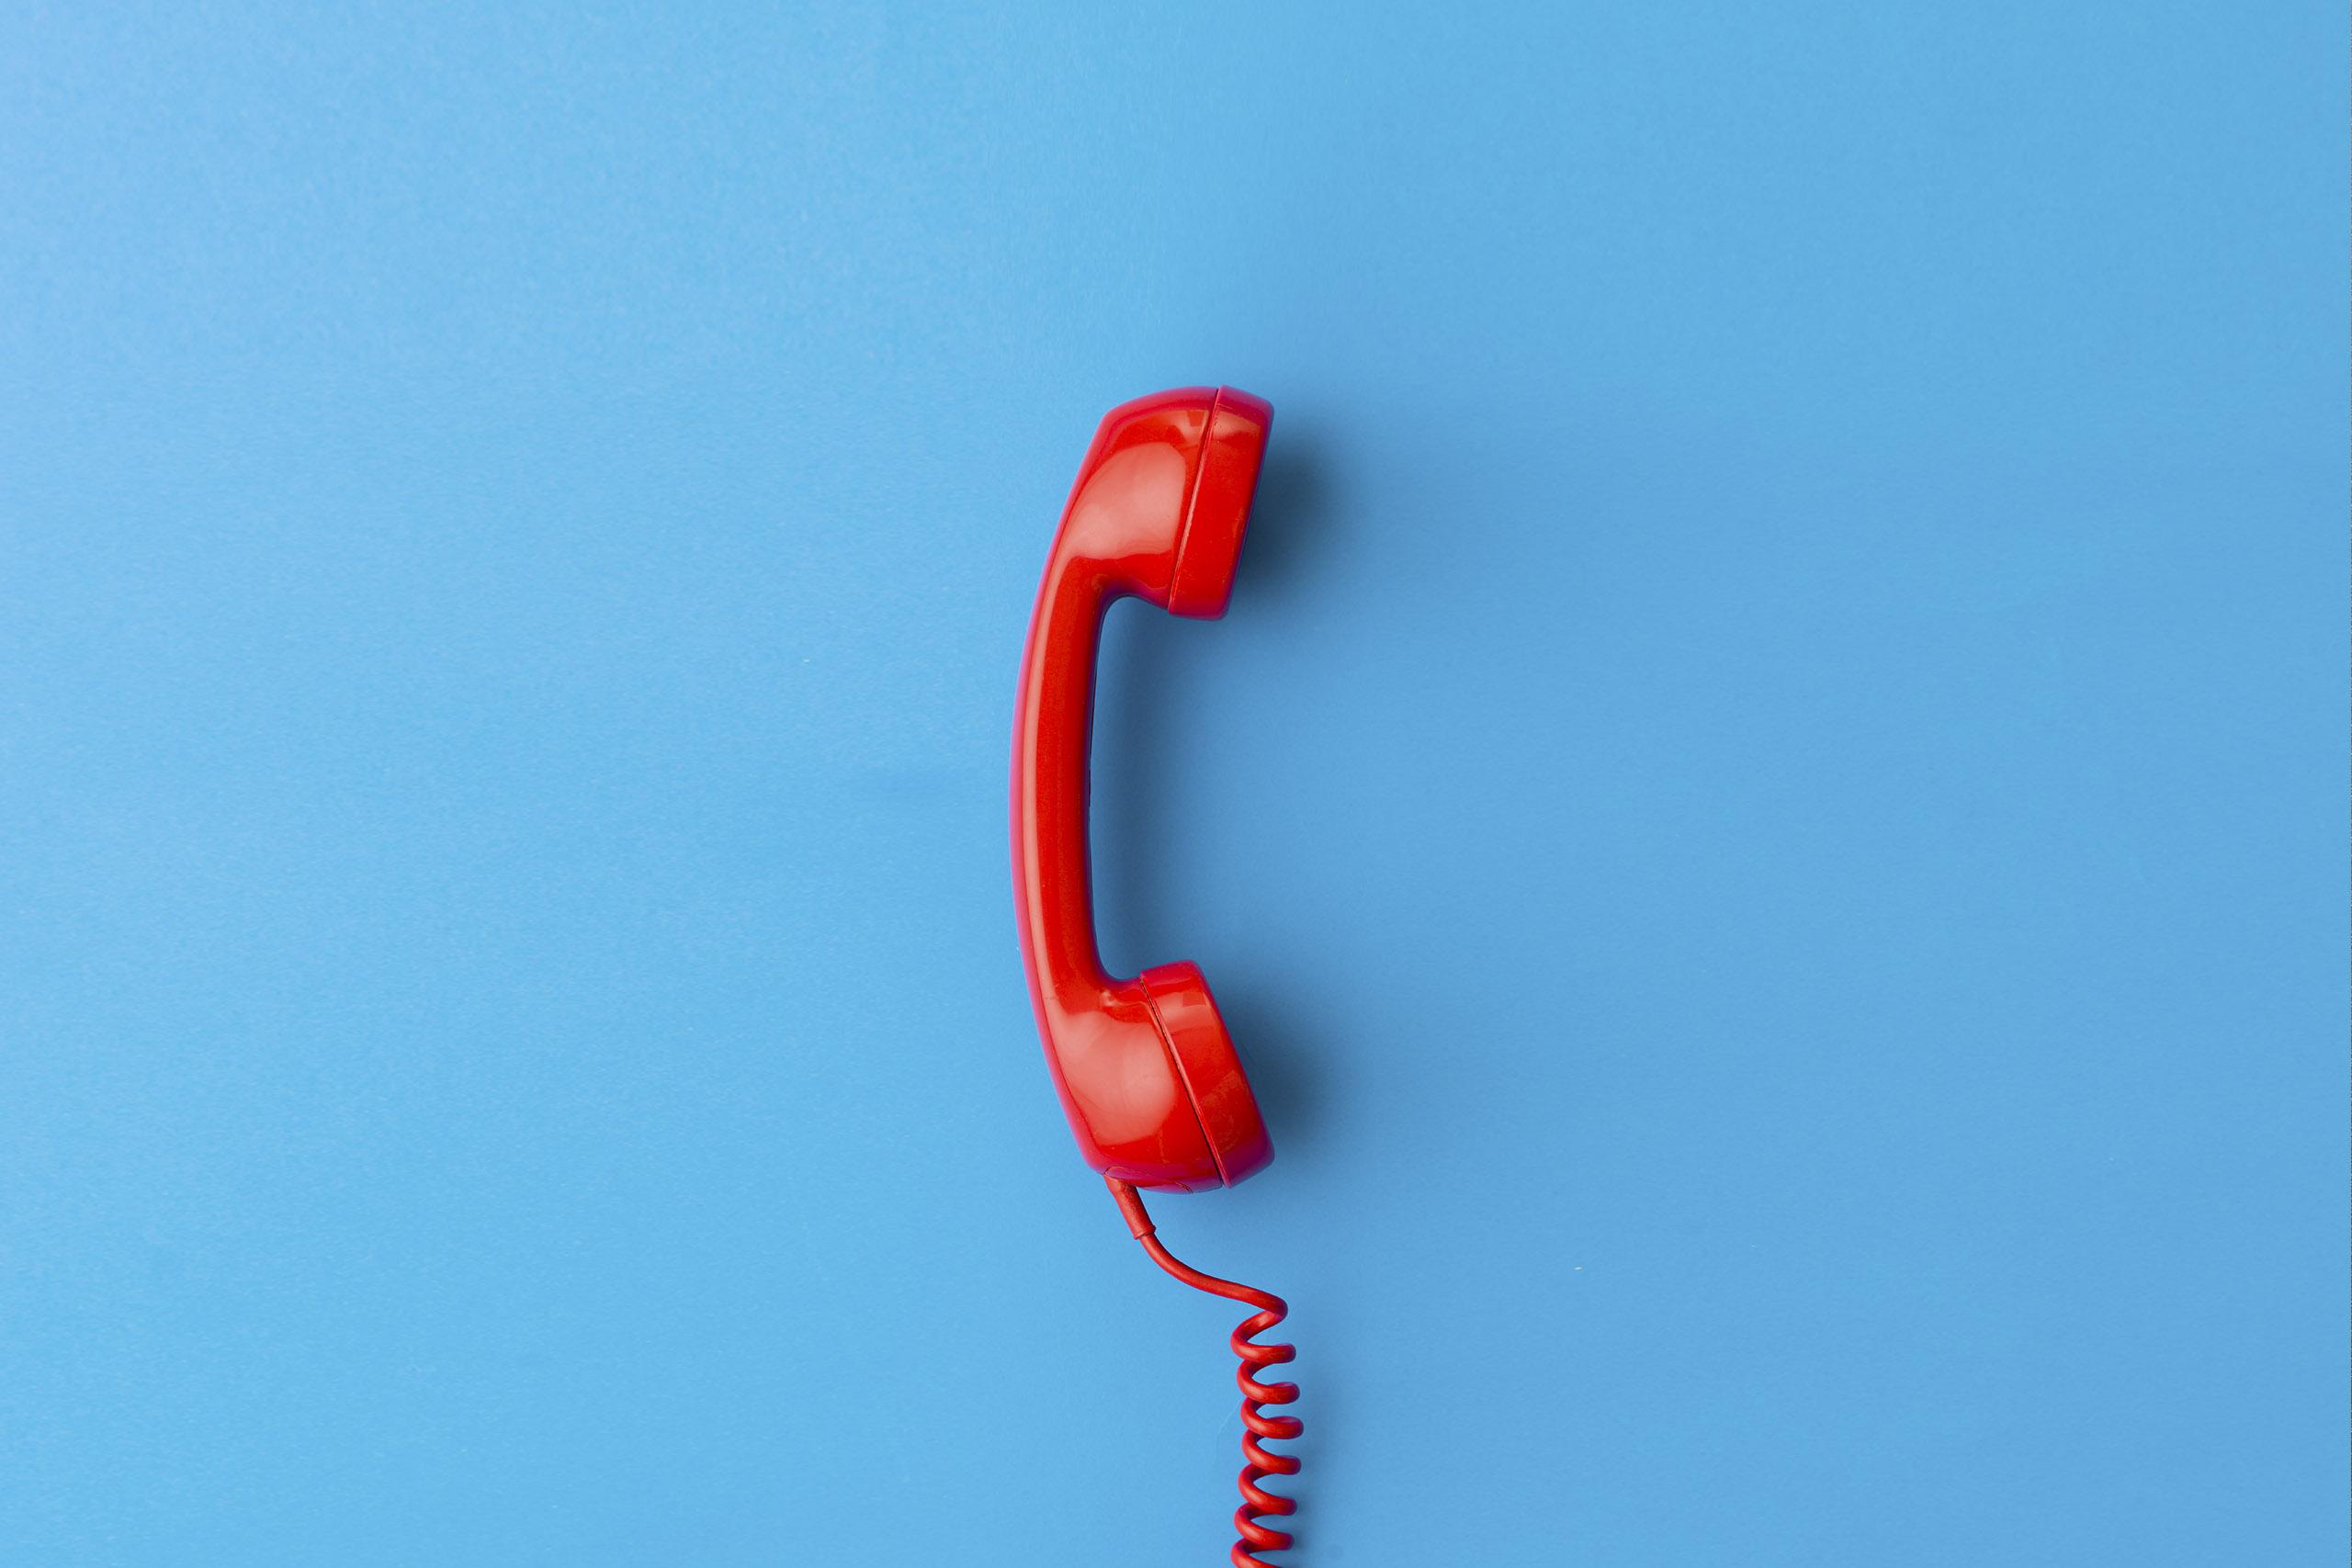 telefono-antiguo-rojo-fondo-azul